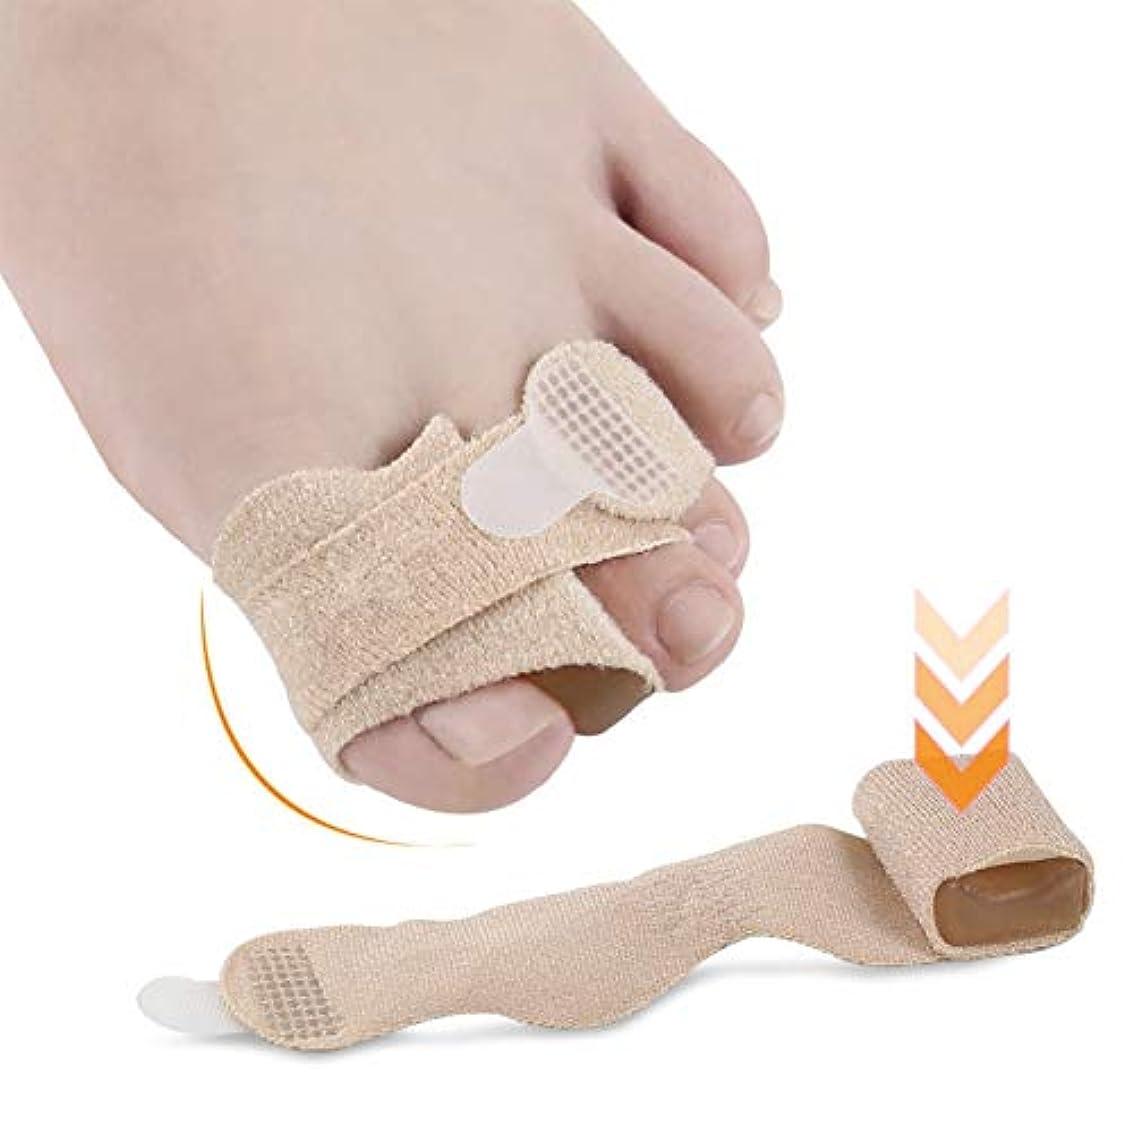 品ナース隠KISSION 親指外反矯正 大骨矯正ベルト つま先セパレーター つま先外反装具 つま先矯正つま先セパレーター つま先の痛みを和らげる